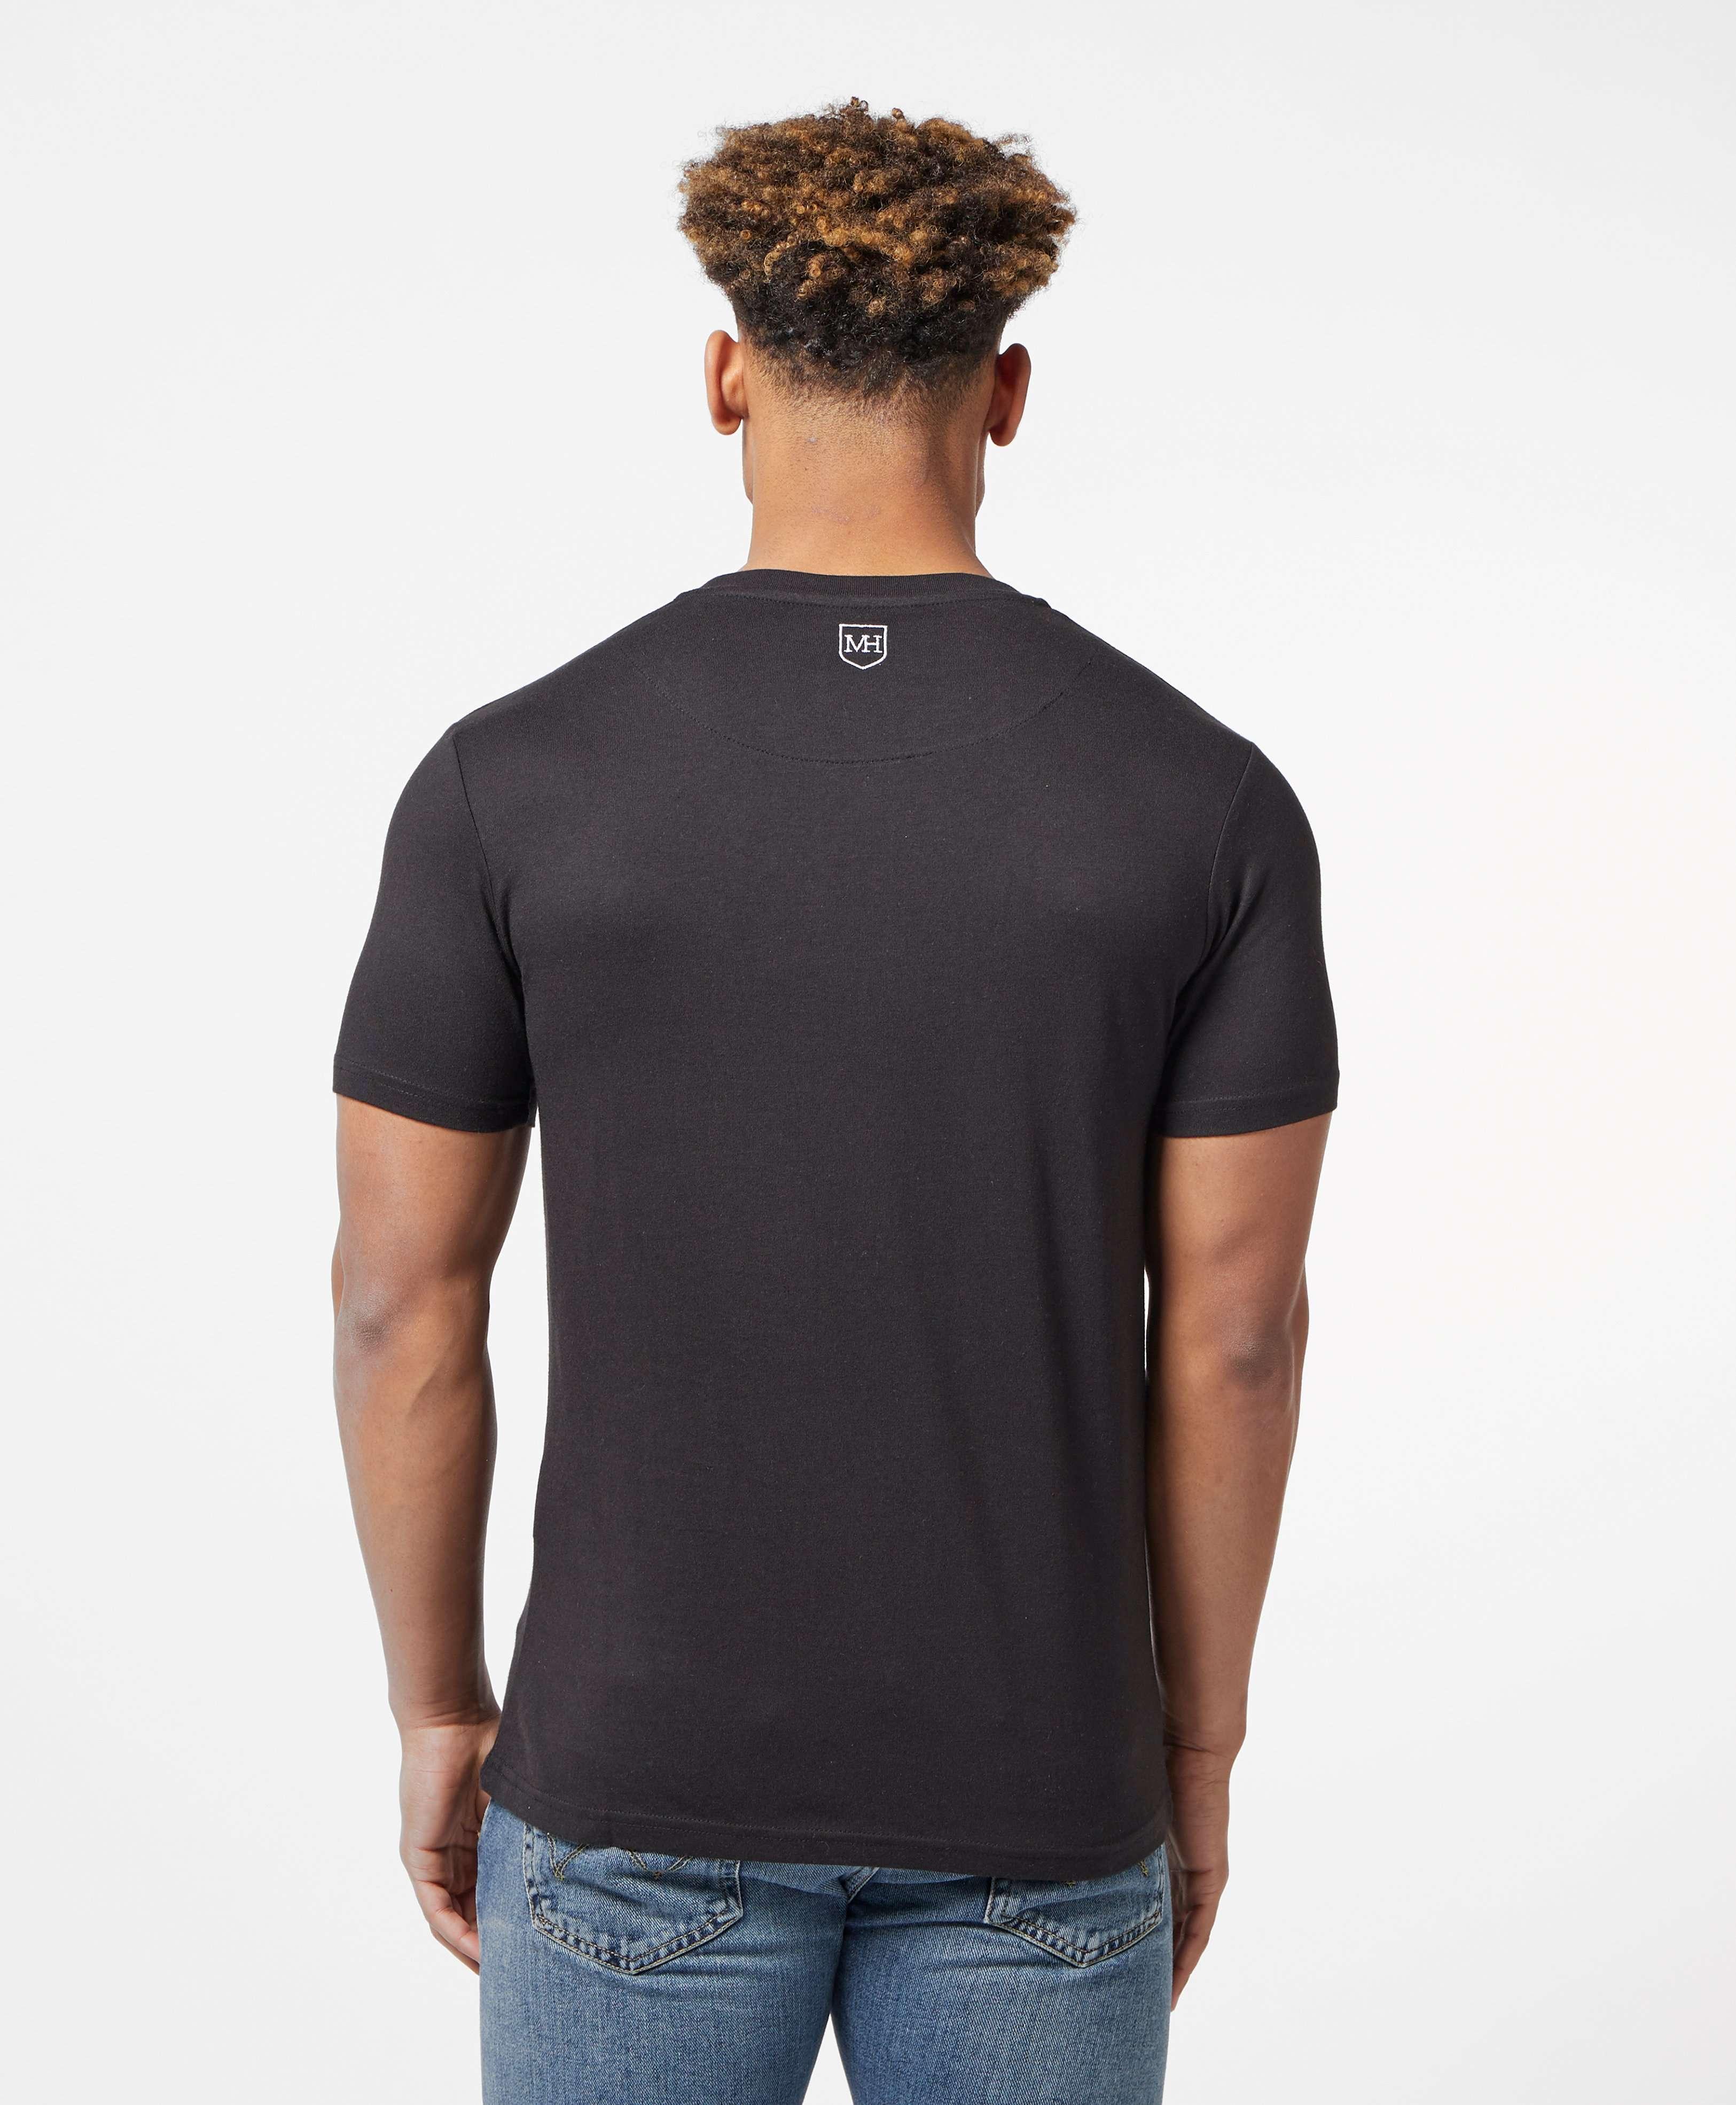 Millionaire Homme Paint Logo Short Sleeve T-Shirt - Online Exclusive